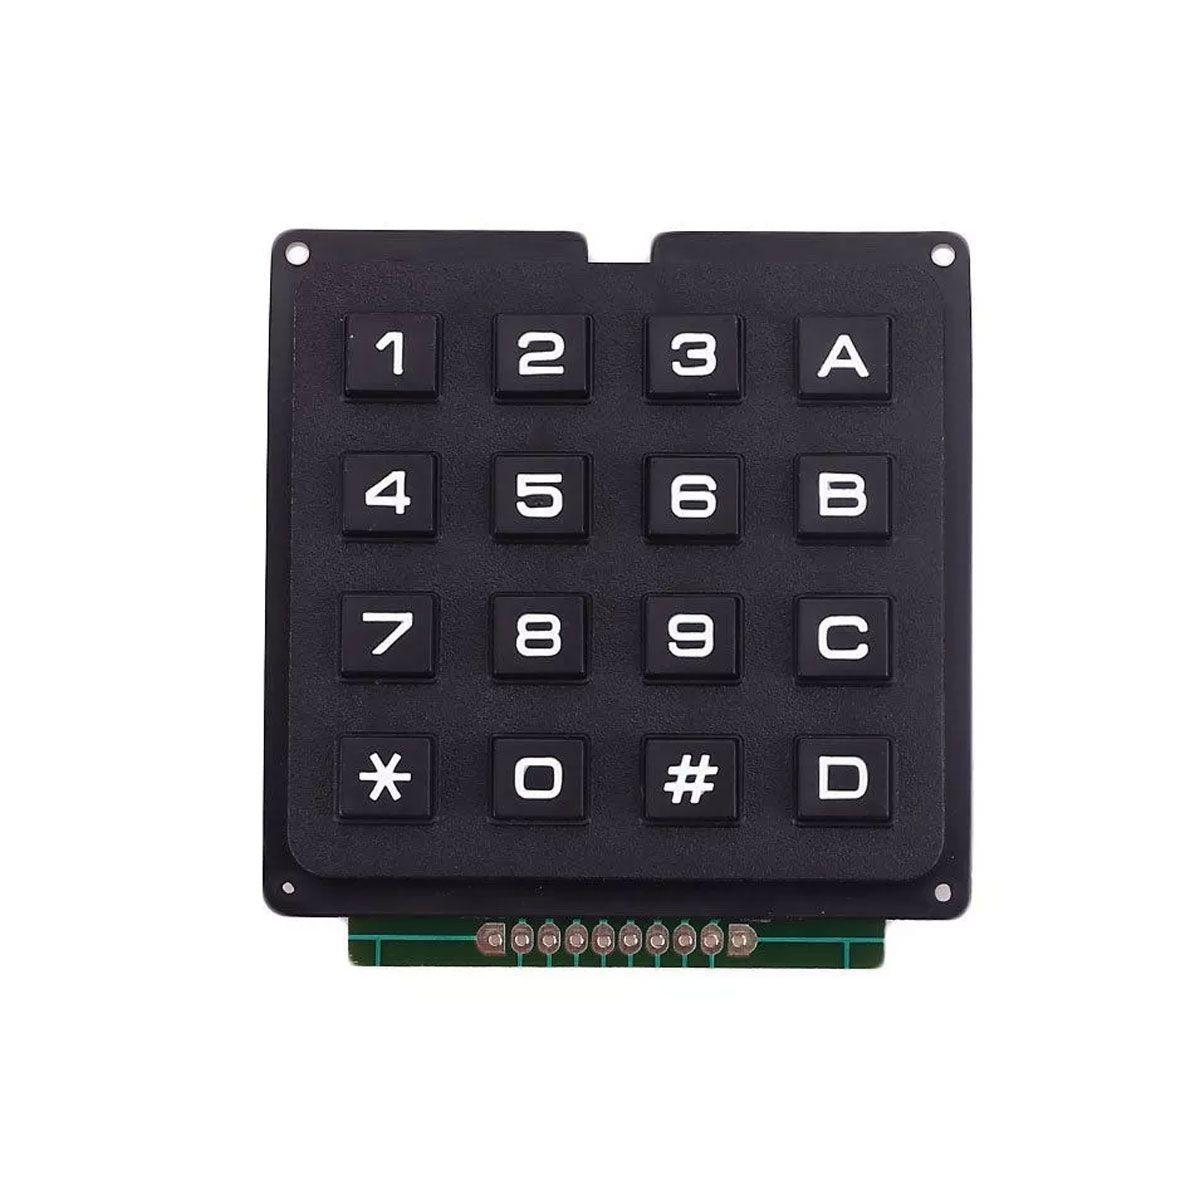 Teclado Matricial 16 Teclas Alfanumérico 4x4